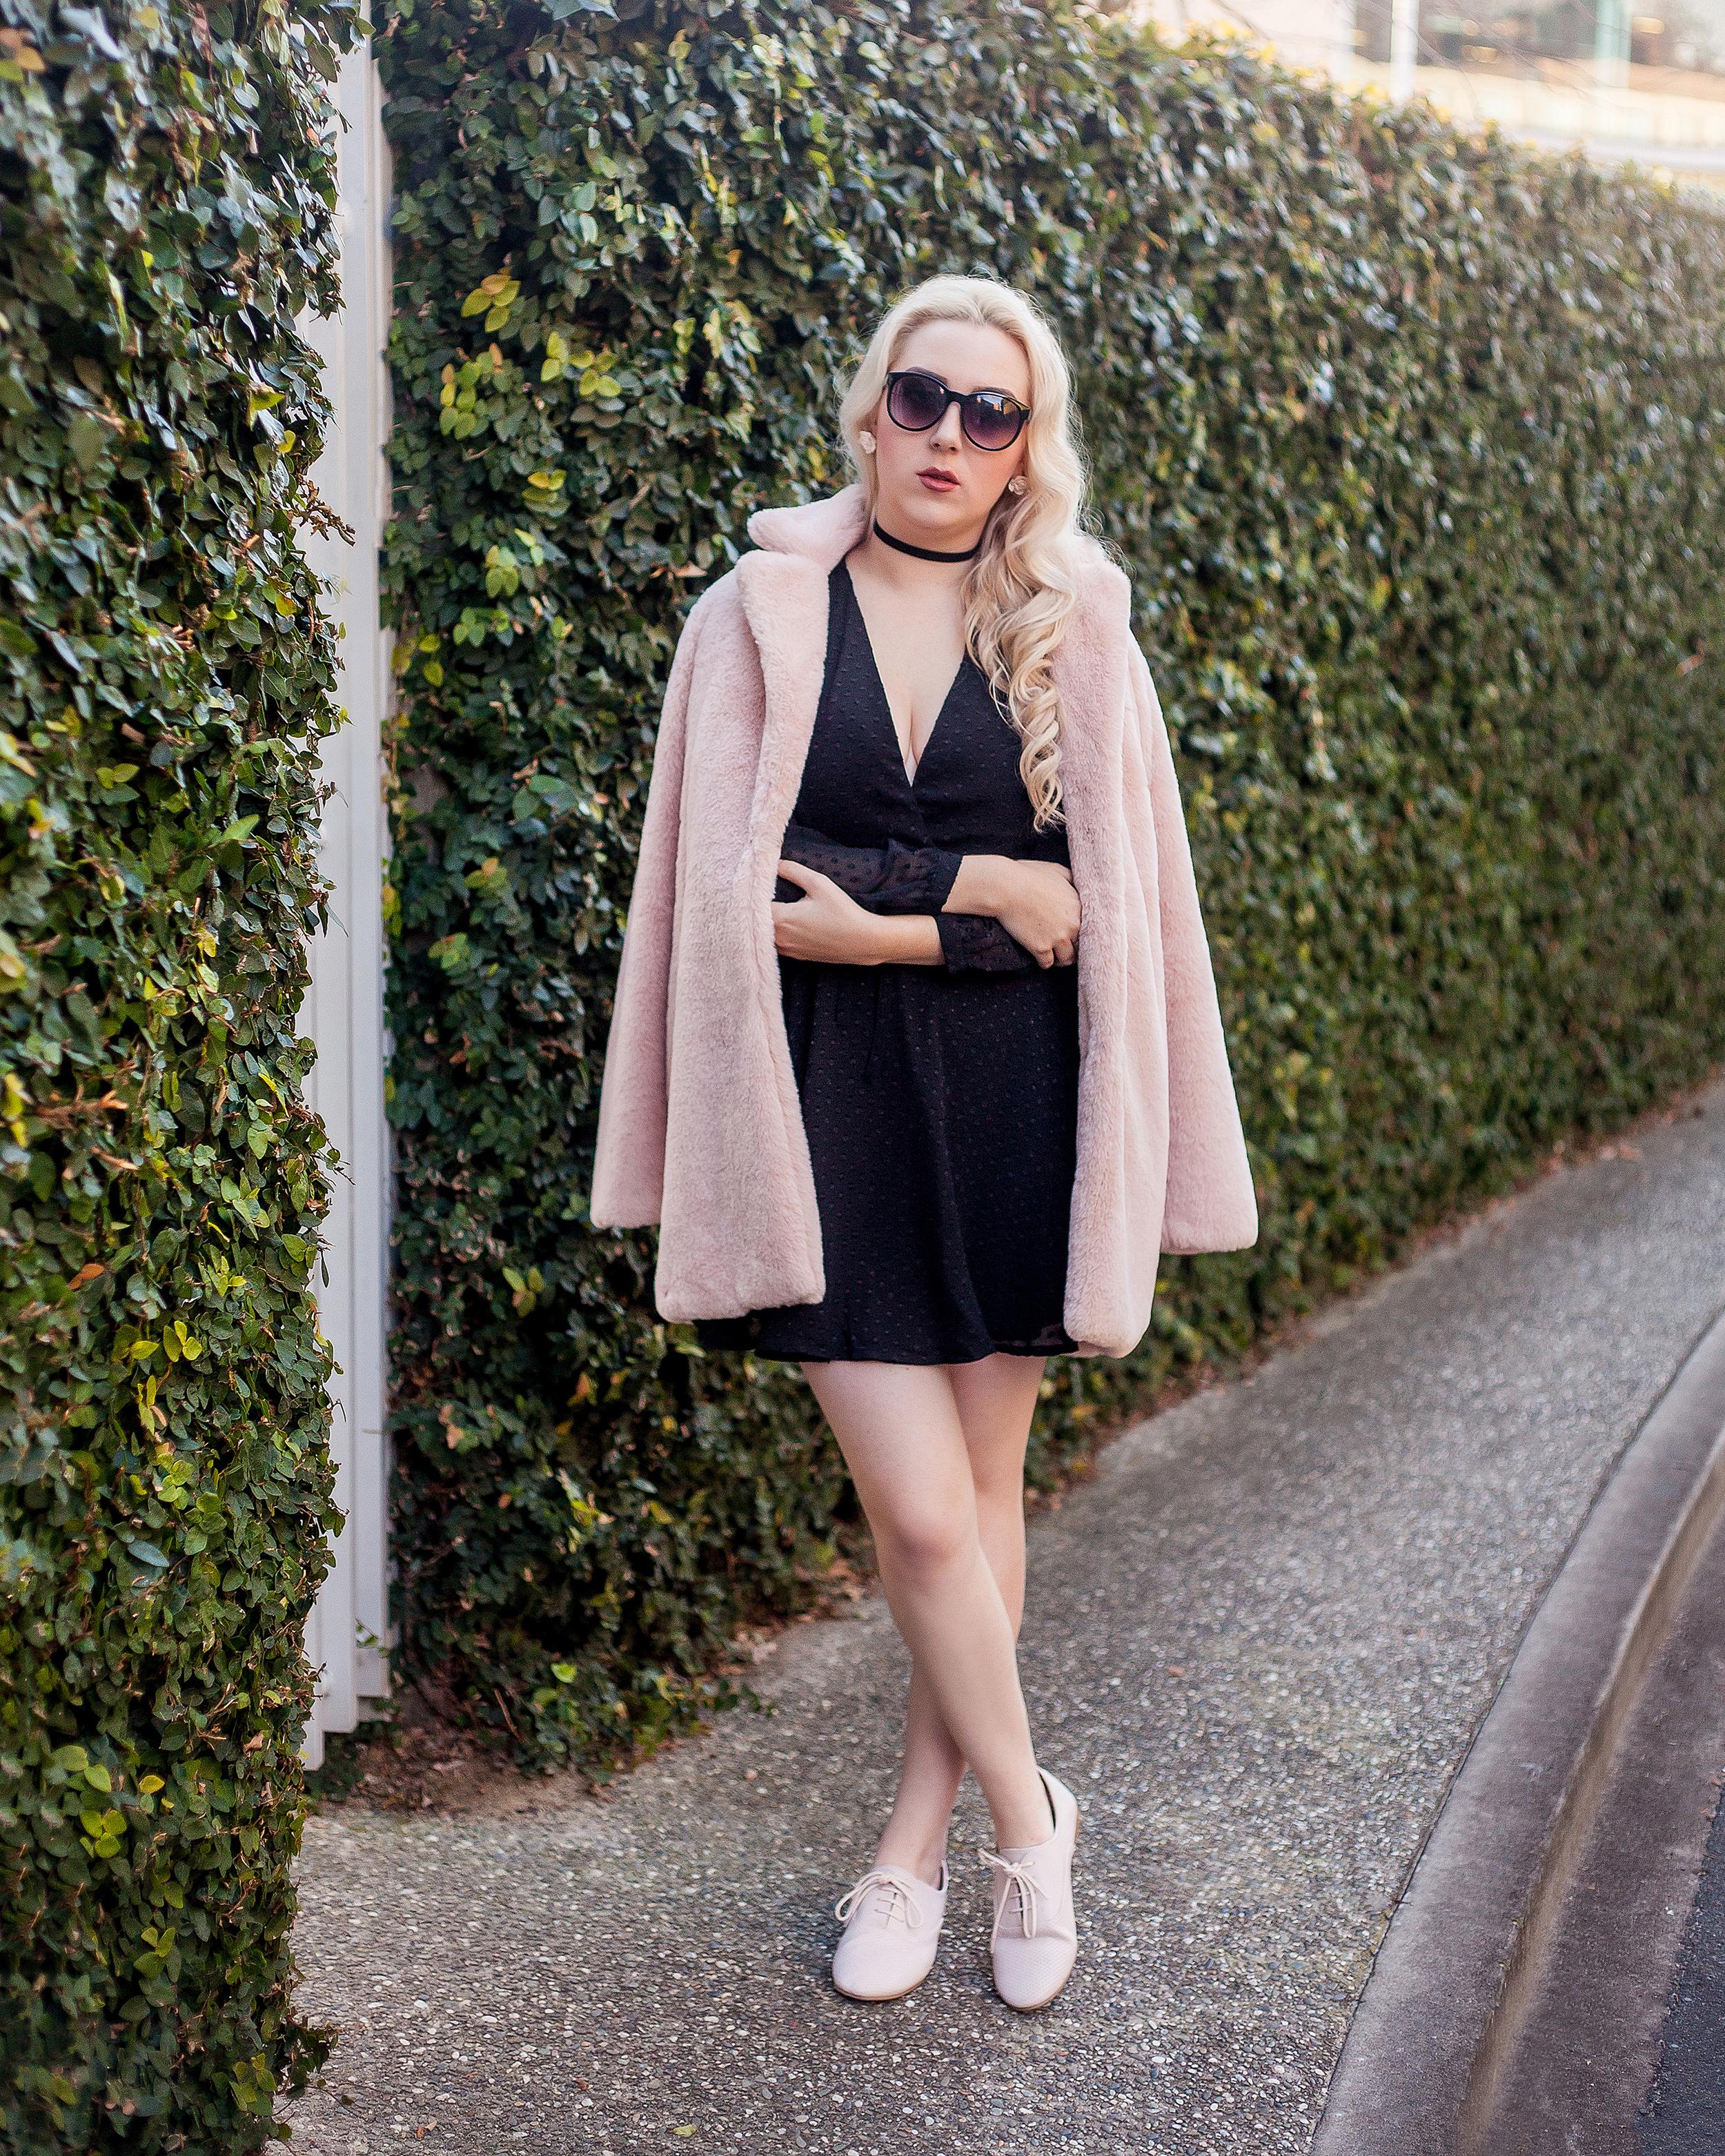 Dotti-Pink-Jacket-Spring-Fashion